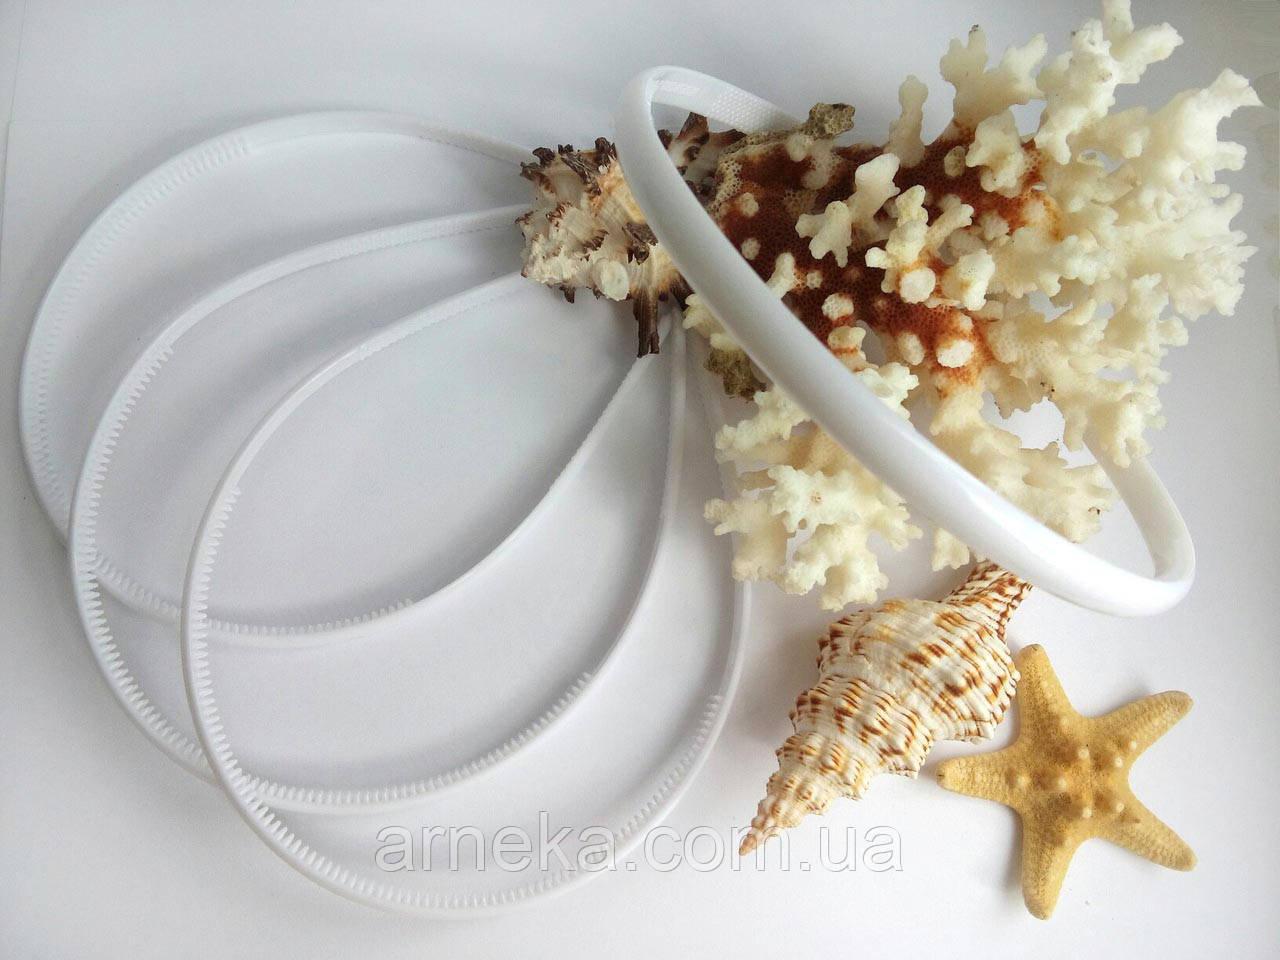 Ободок пластиковый 0,8 см белый